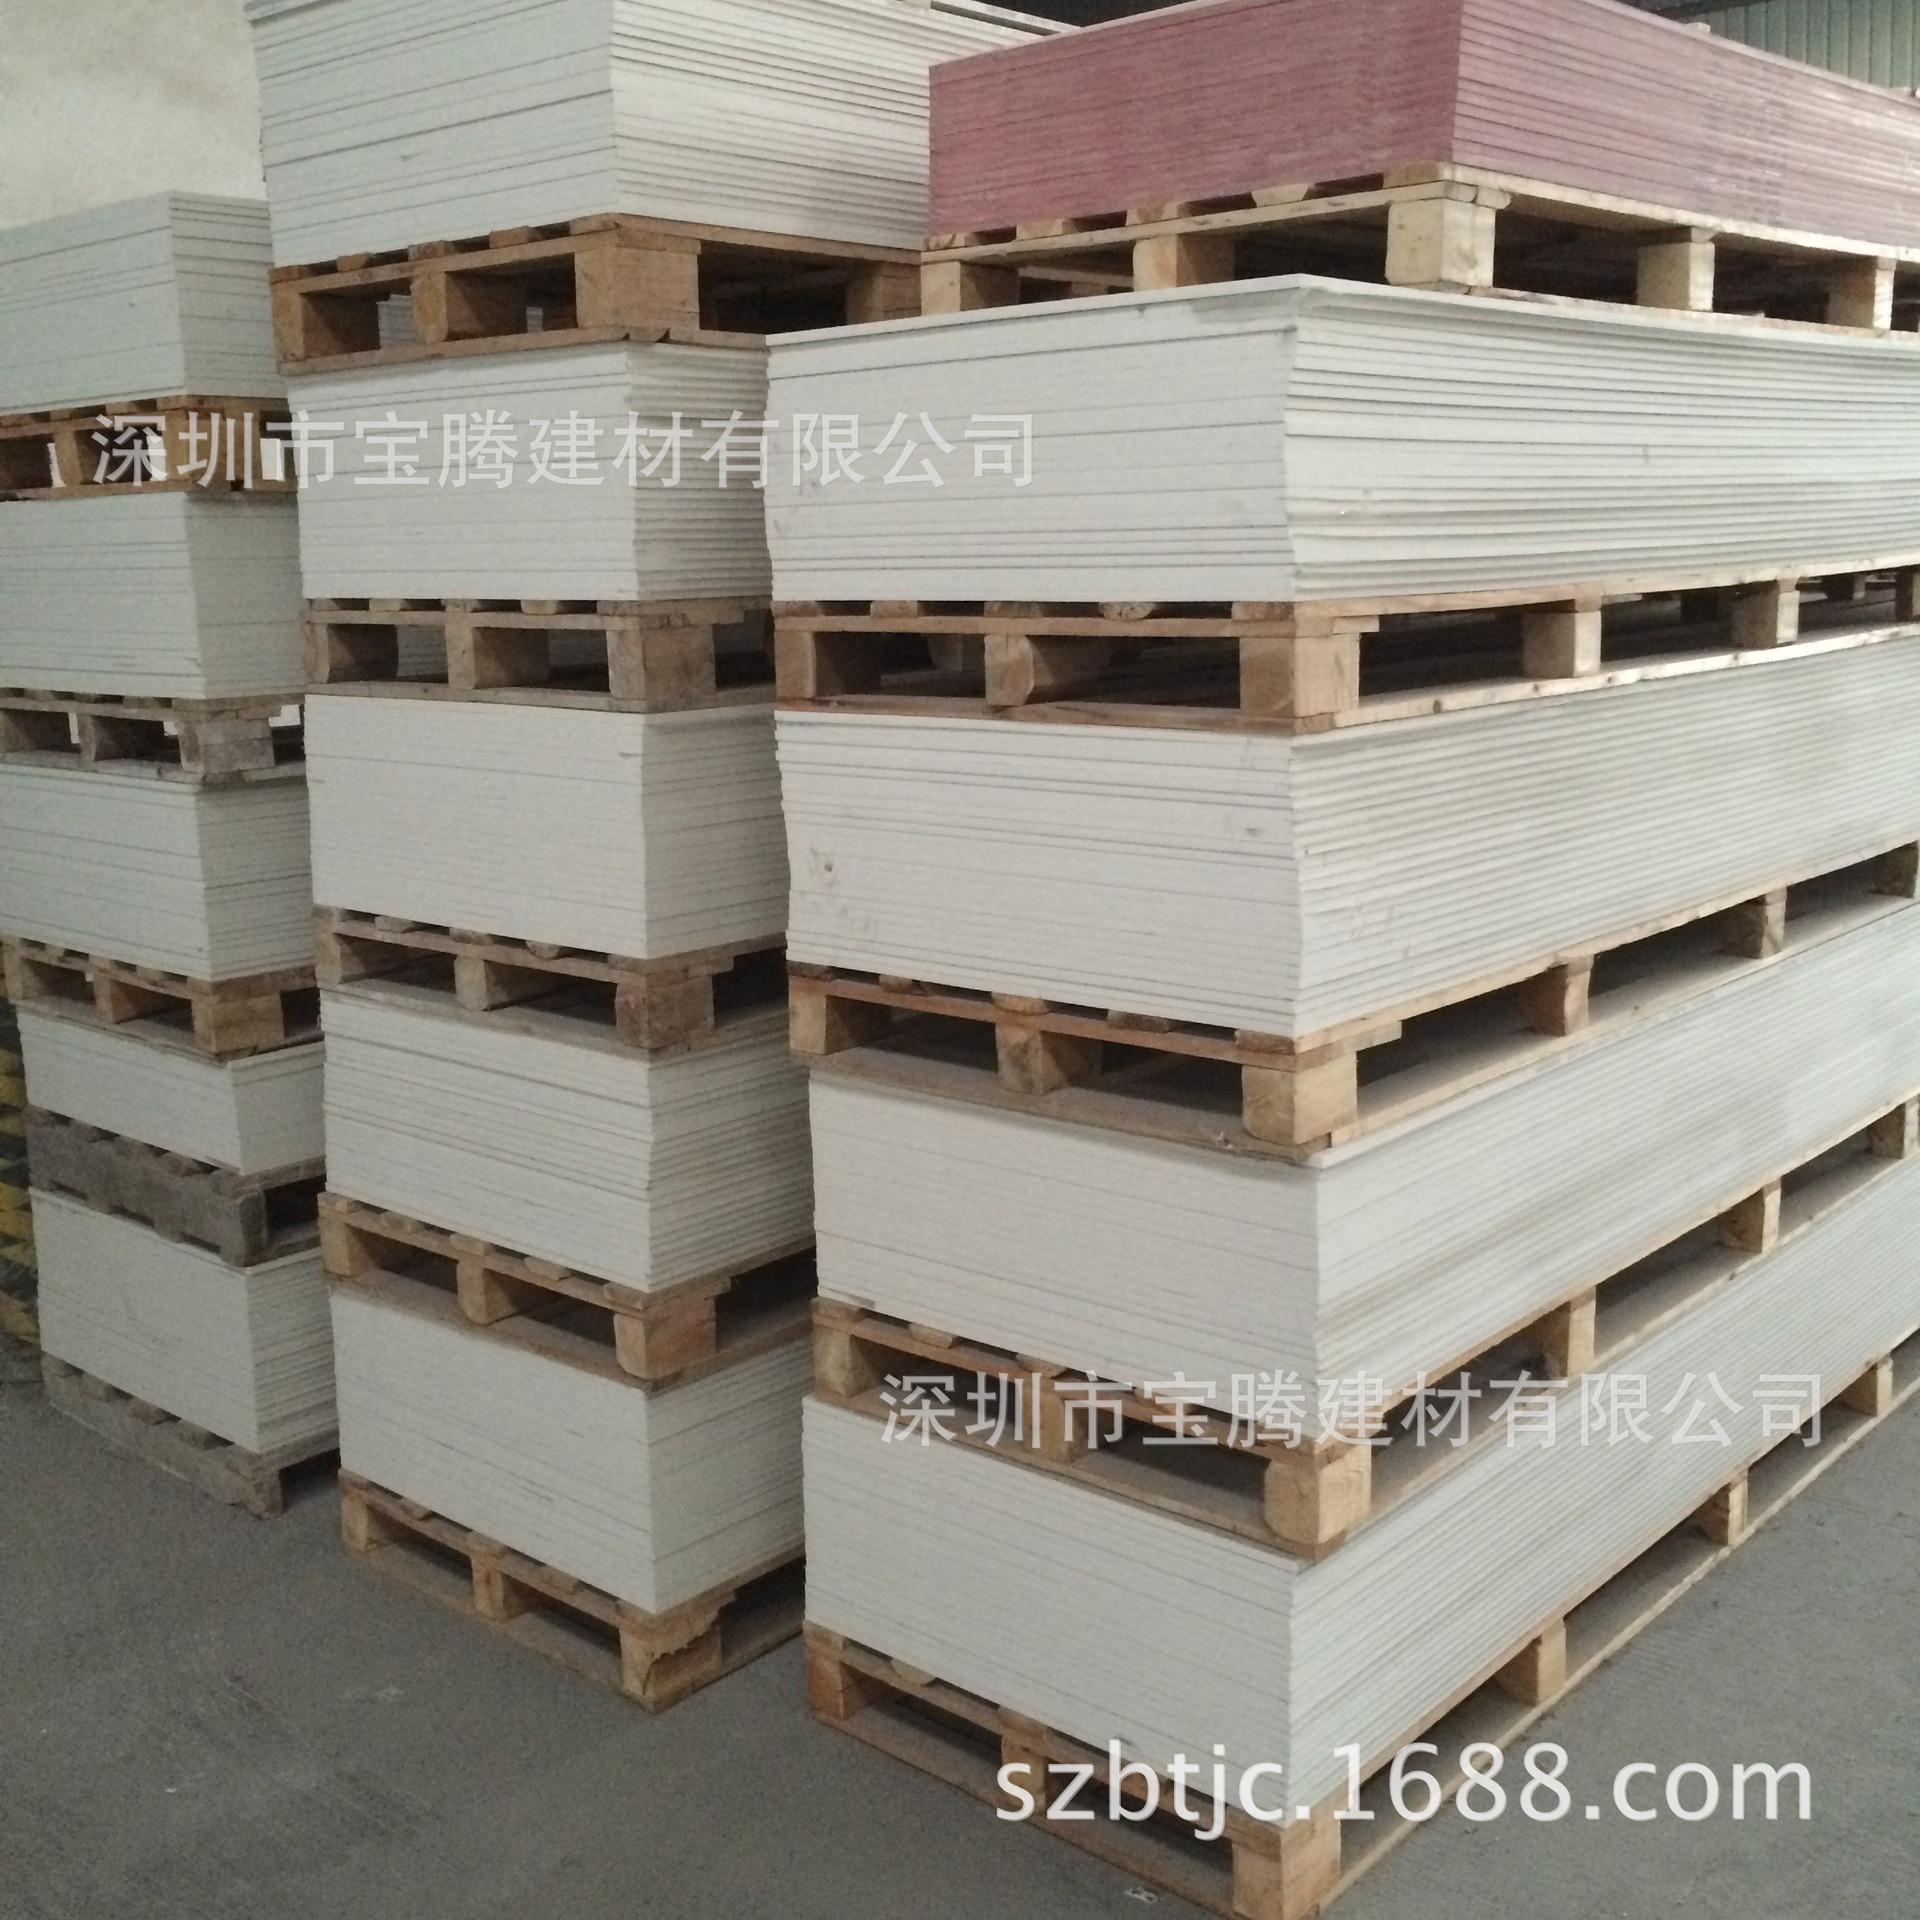 弧形无缝拼接人造石板材 实体面材 异型人造石大理石板材批发